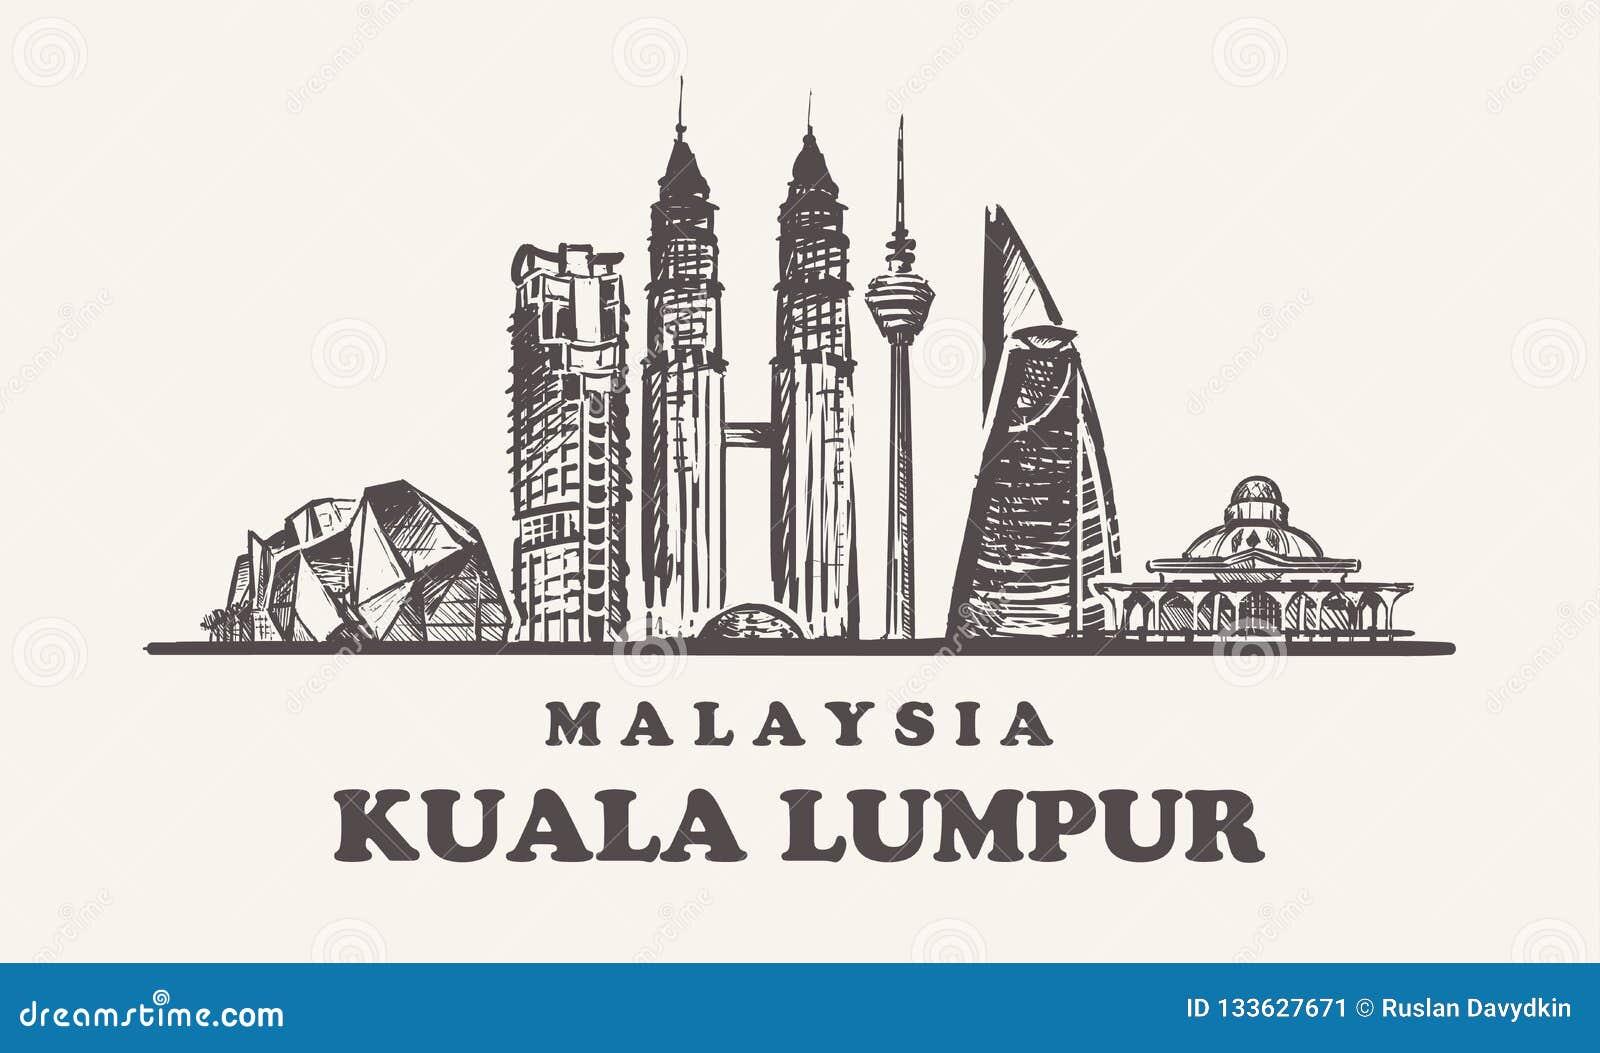 Ορίζοντας της Κουάλα Lampur, εκλεκτής ποιότητας διανυσματική απεικόνιση της Μαλαισίας, συρμένα χέρι κτήρια